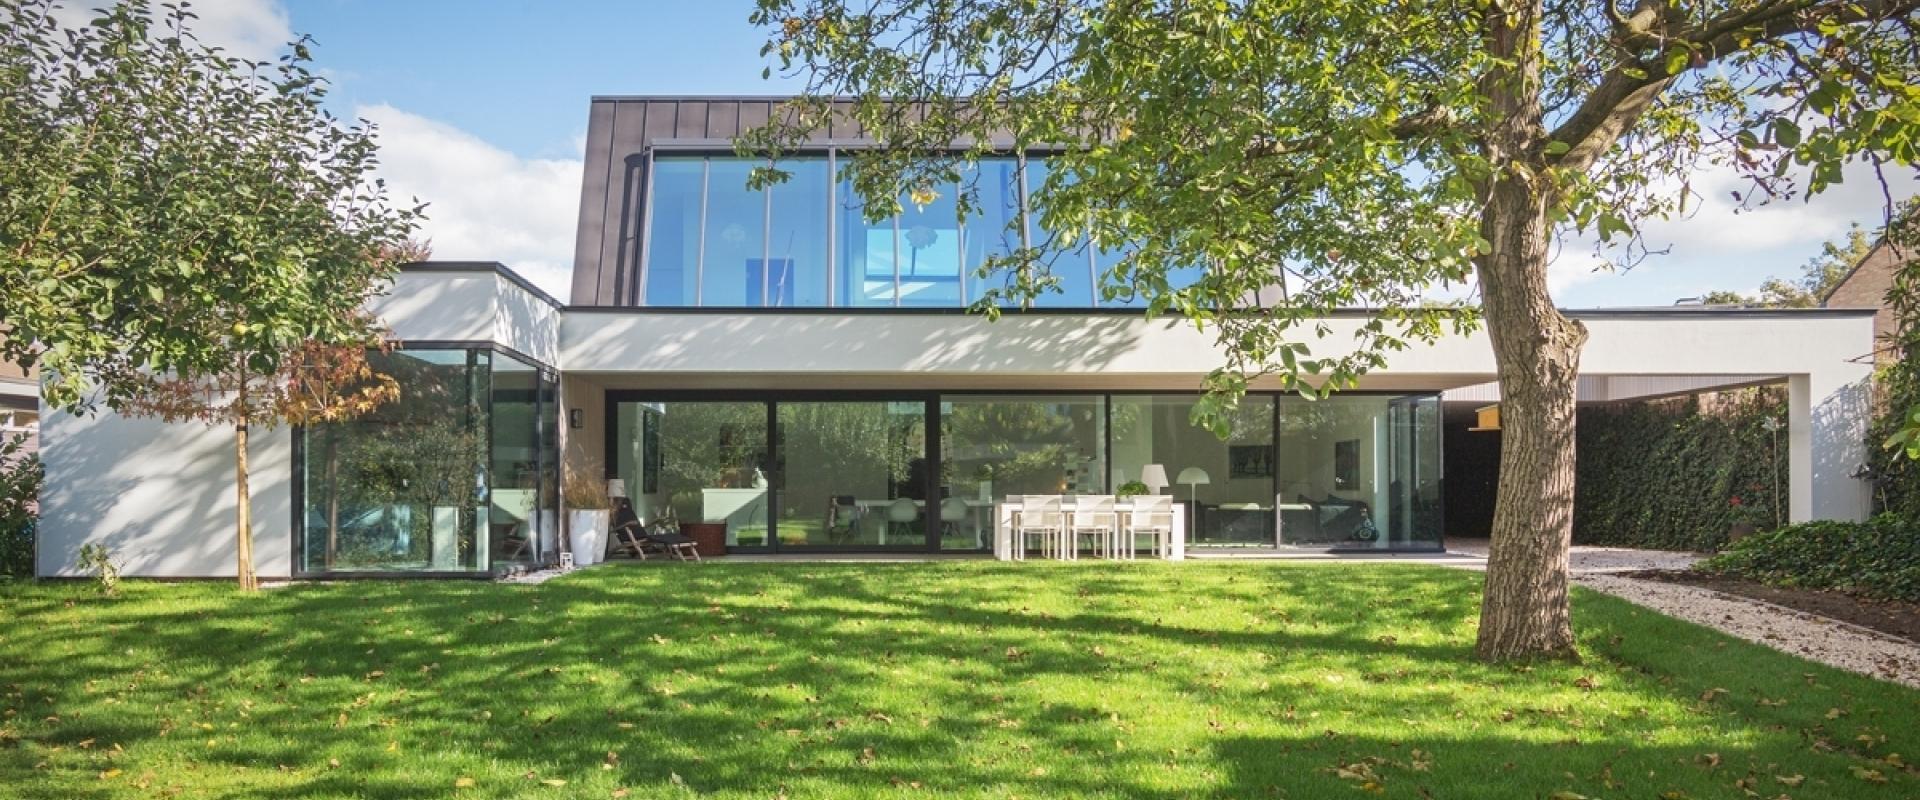 Schipperdouwesarchitectuur Villa Wierden Laurens Kuipers Fotografie 9